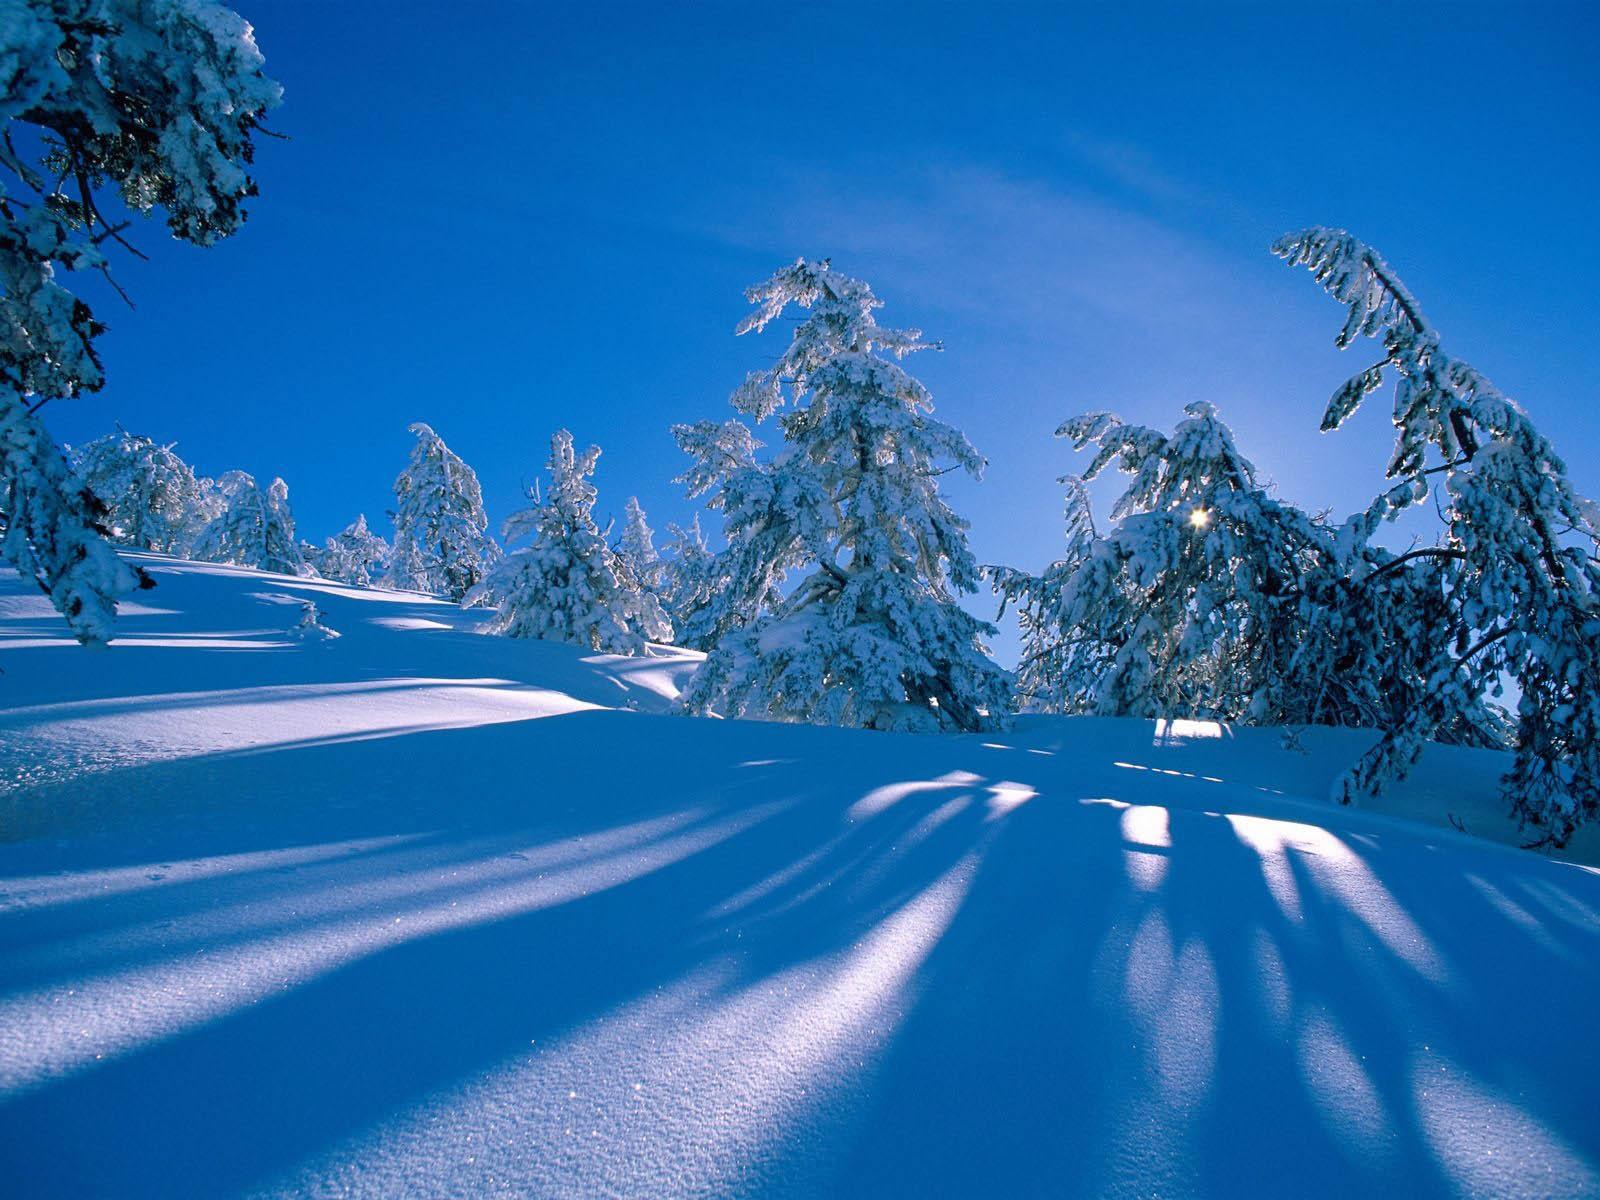 winter wallpapers winter desktop wallpapers winter desktop backgrounds 1600x1200